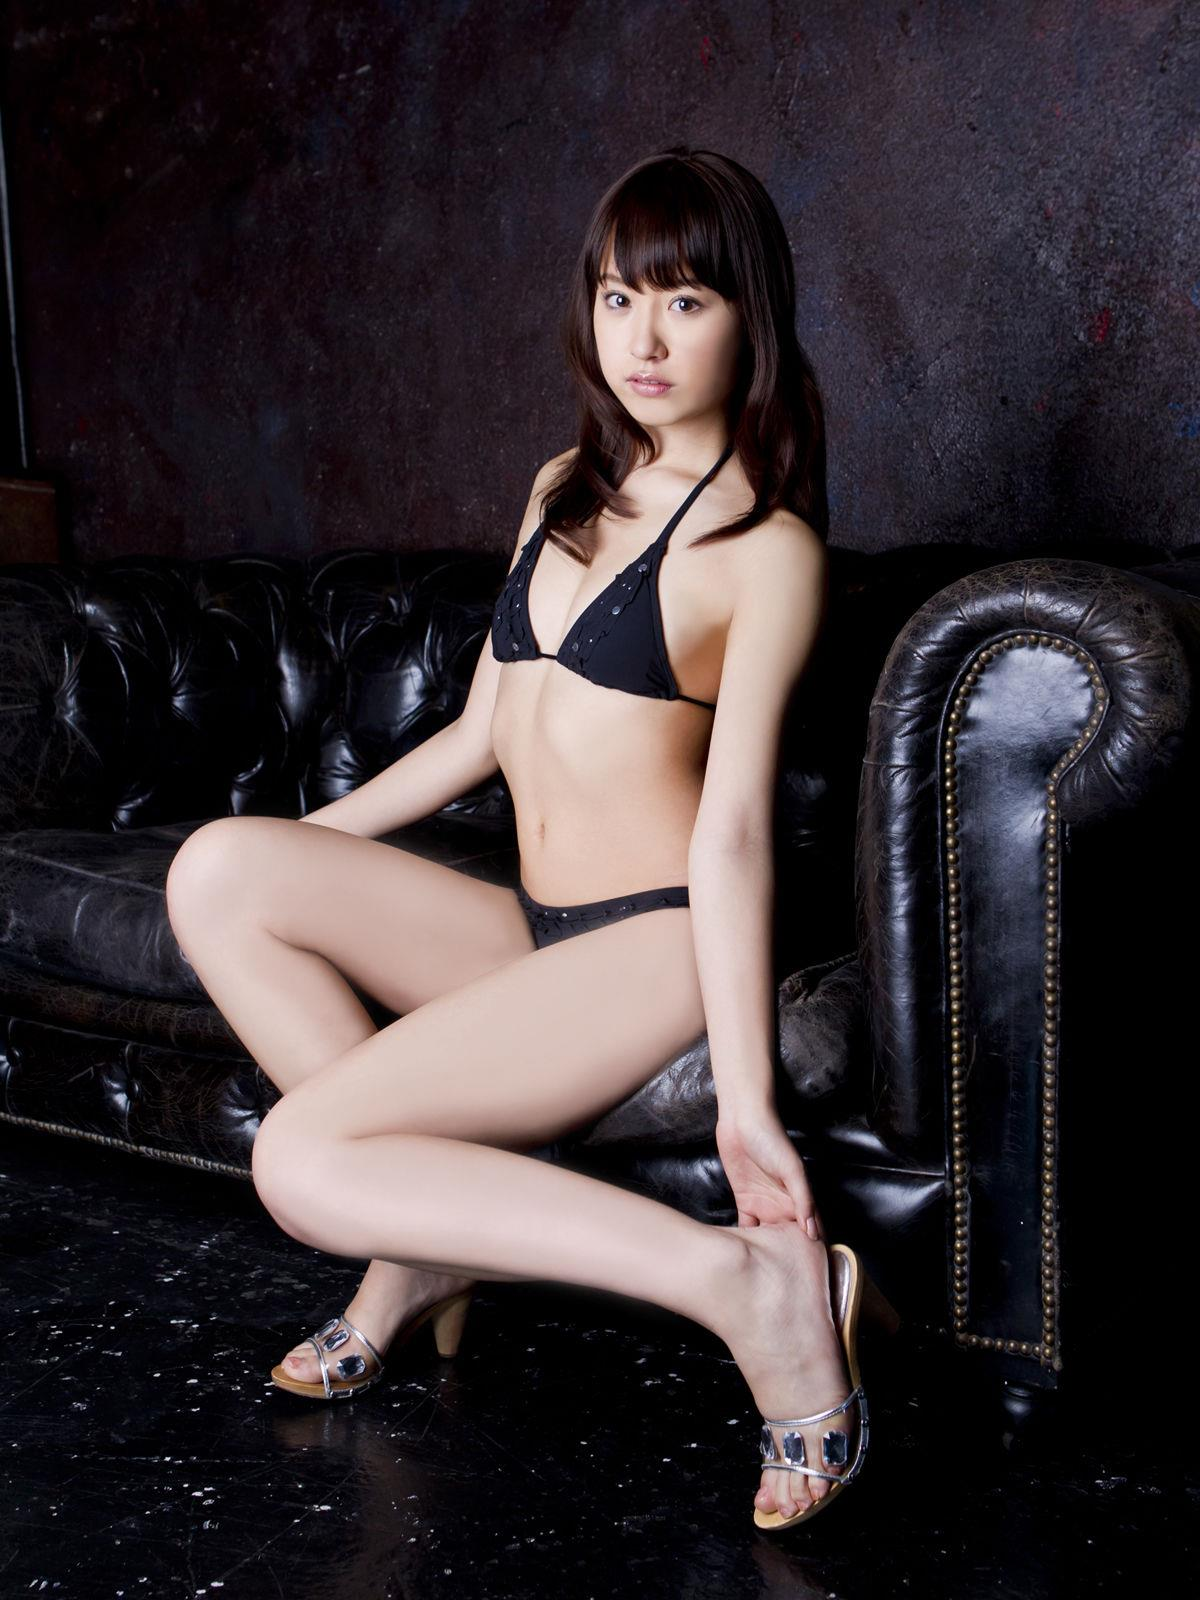 衛藤美彩 過激水着のグラビア画像 16